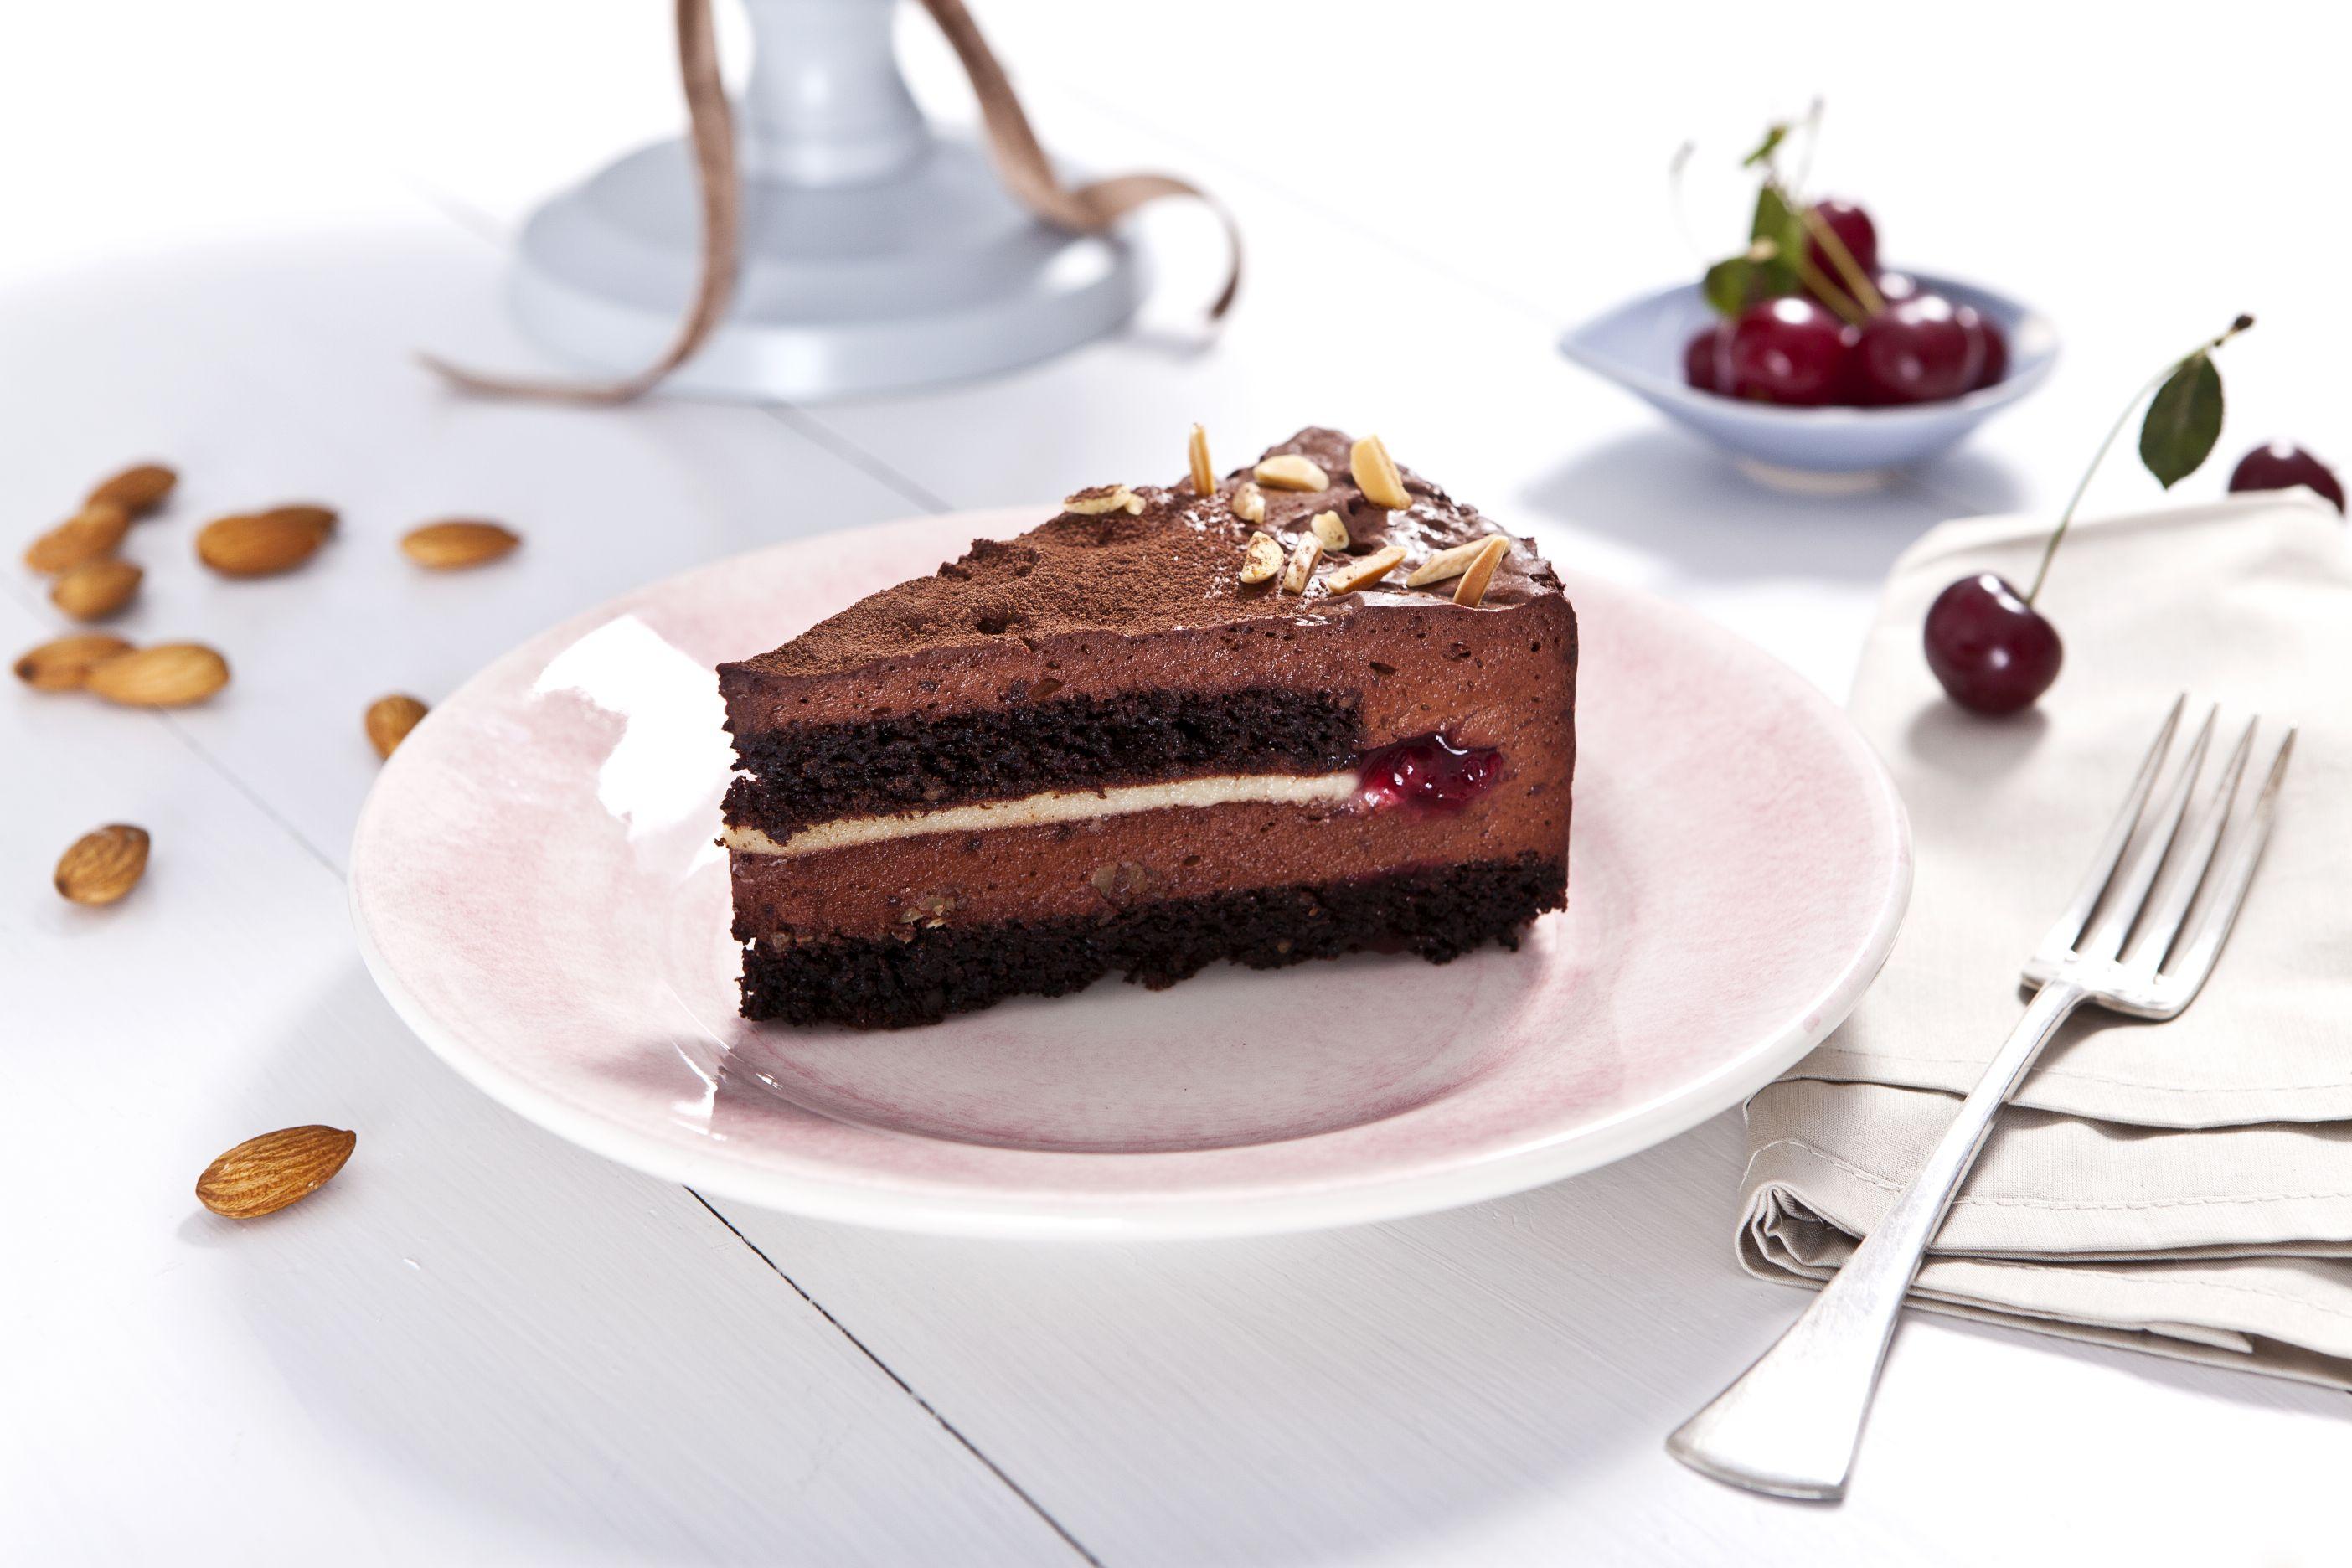 Csokis kaland: süsd meg az ország cukormentes tortáját!